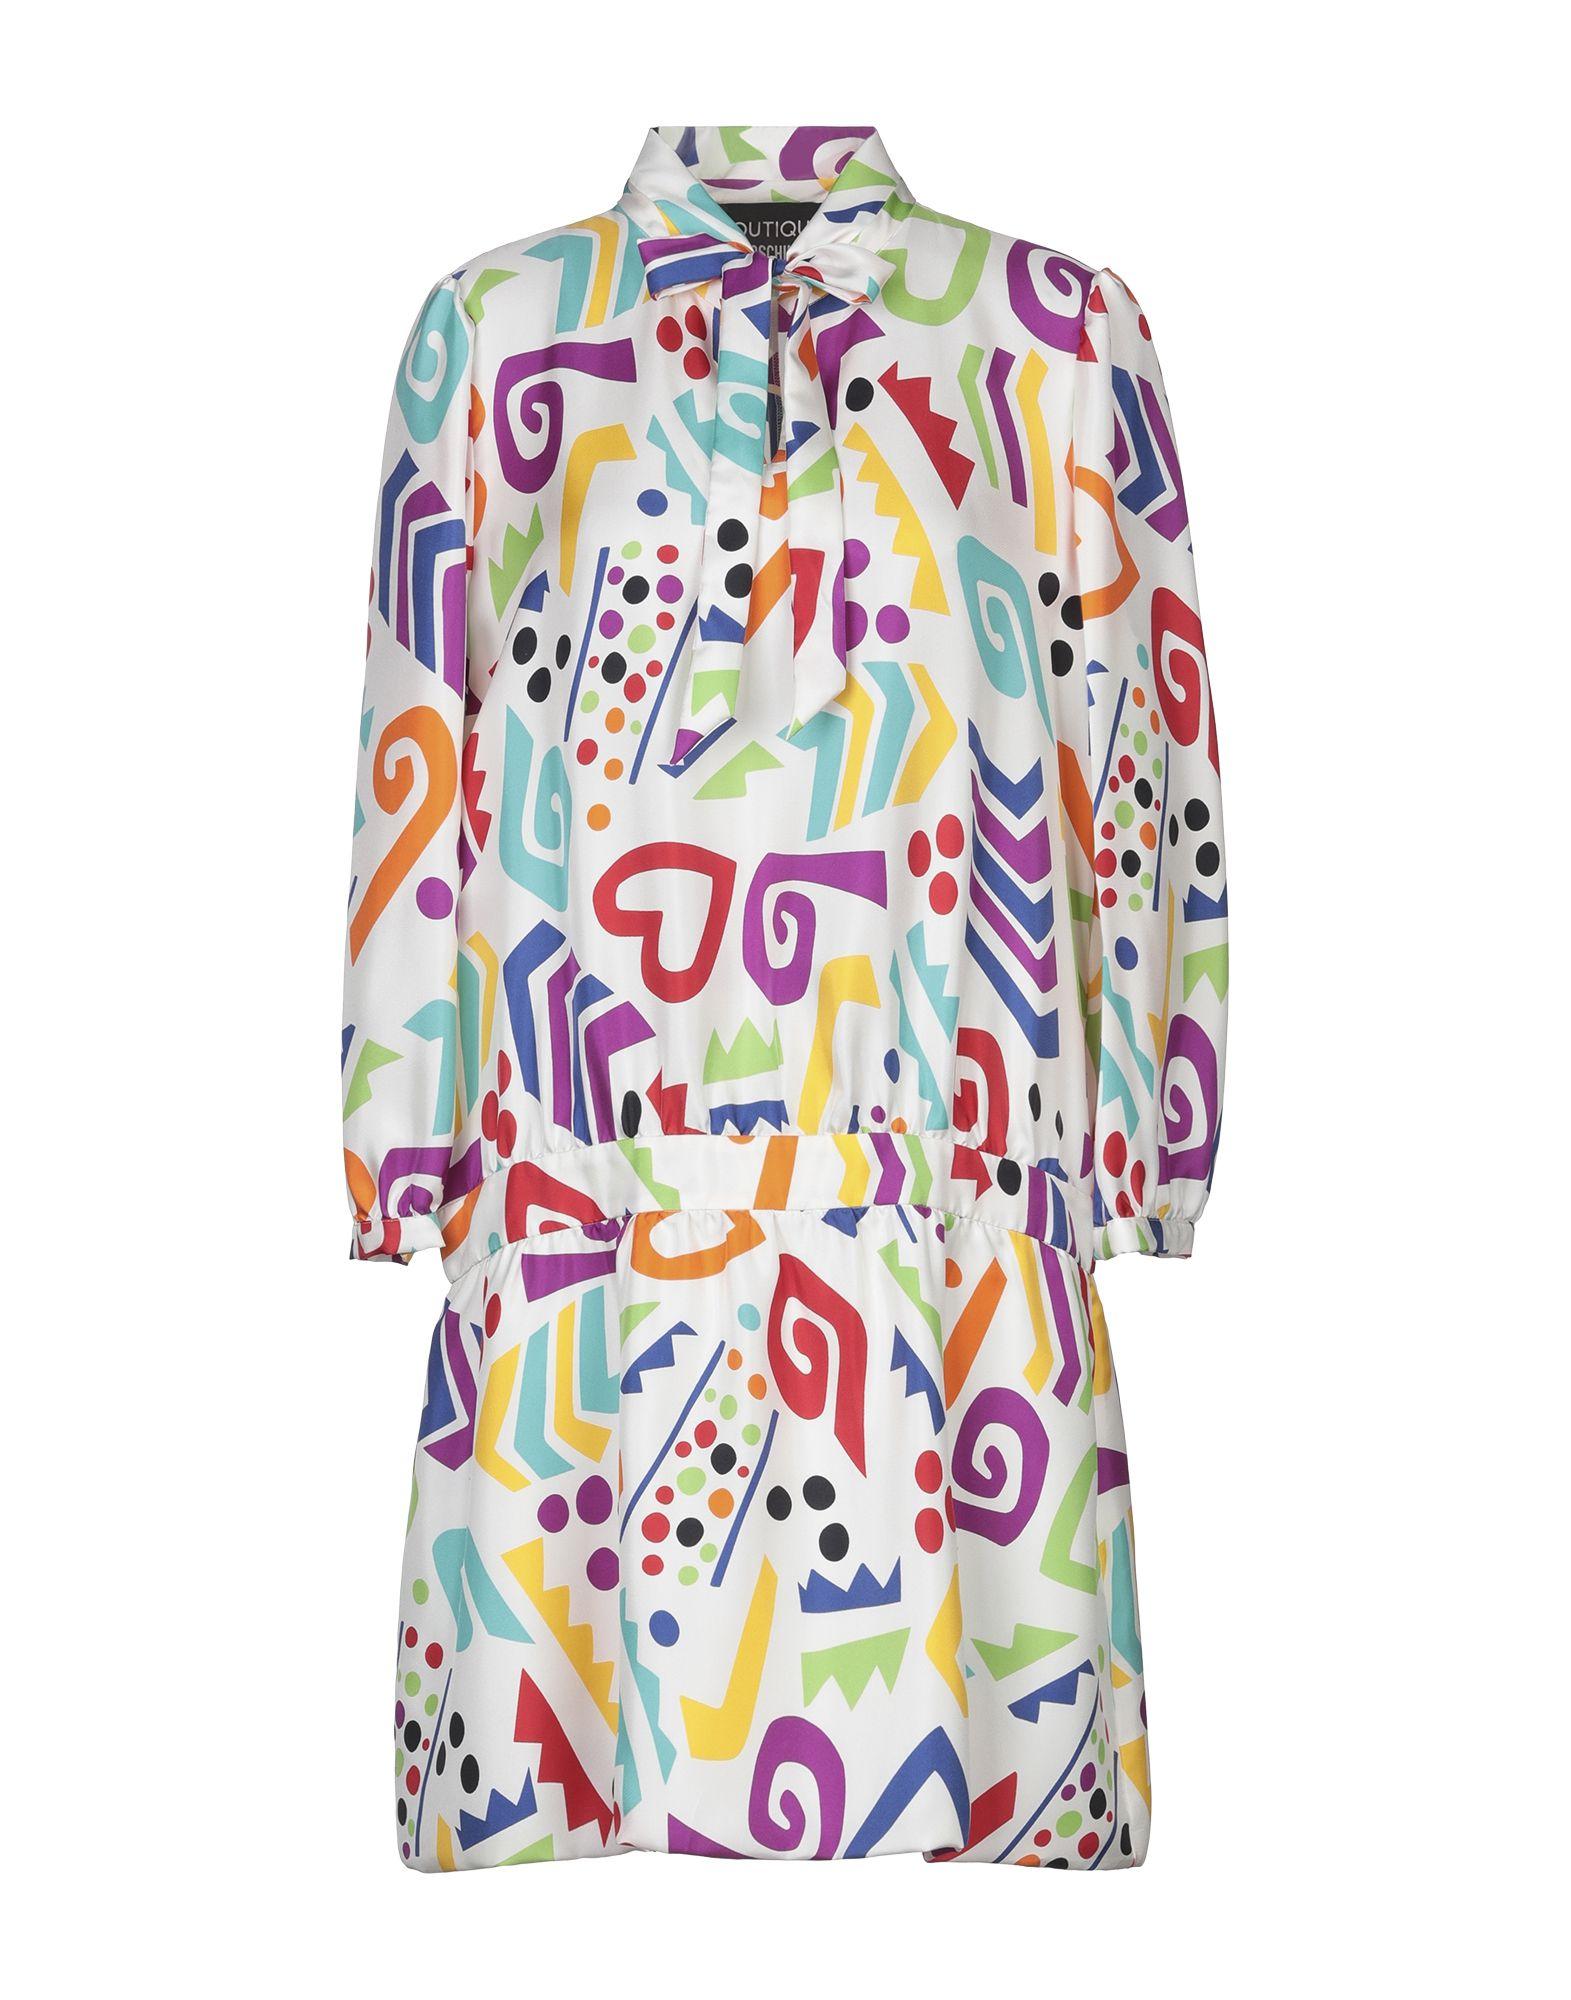 Фото - BOUTIQUE MOSCHINO Короткое платье moschino короткое платье